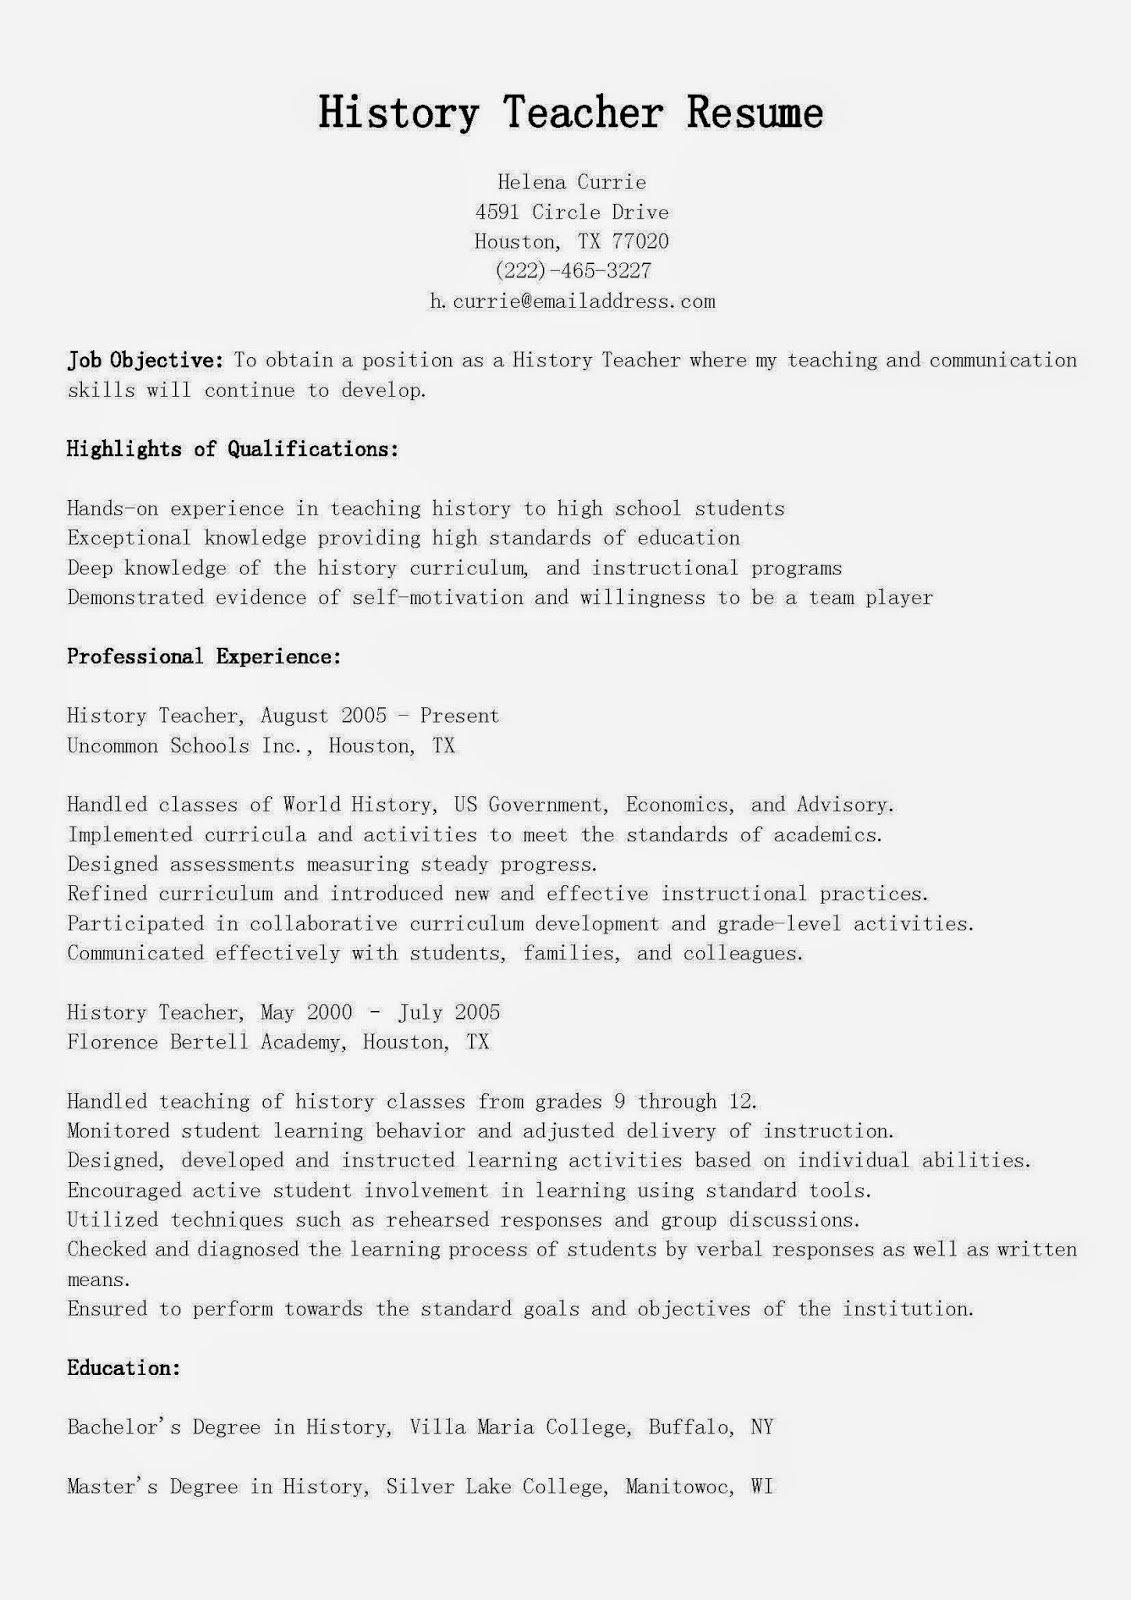 Resume Samples History Teacher Resume Sample